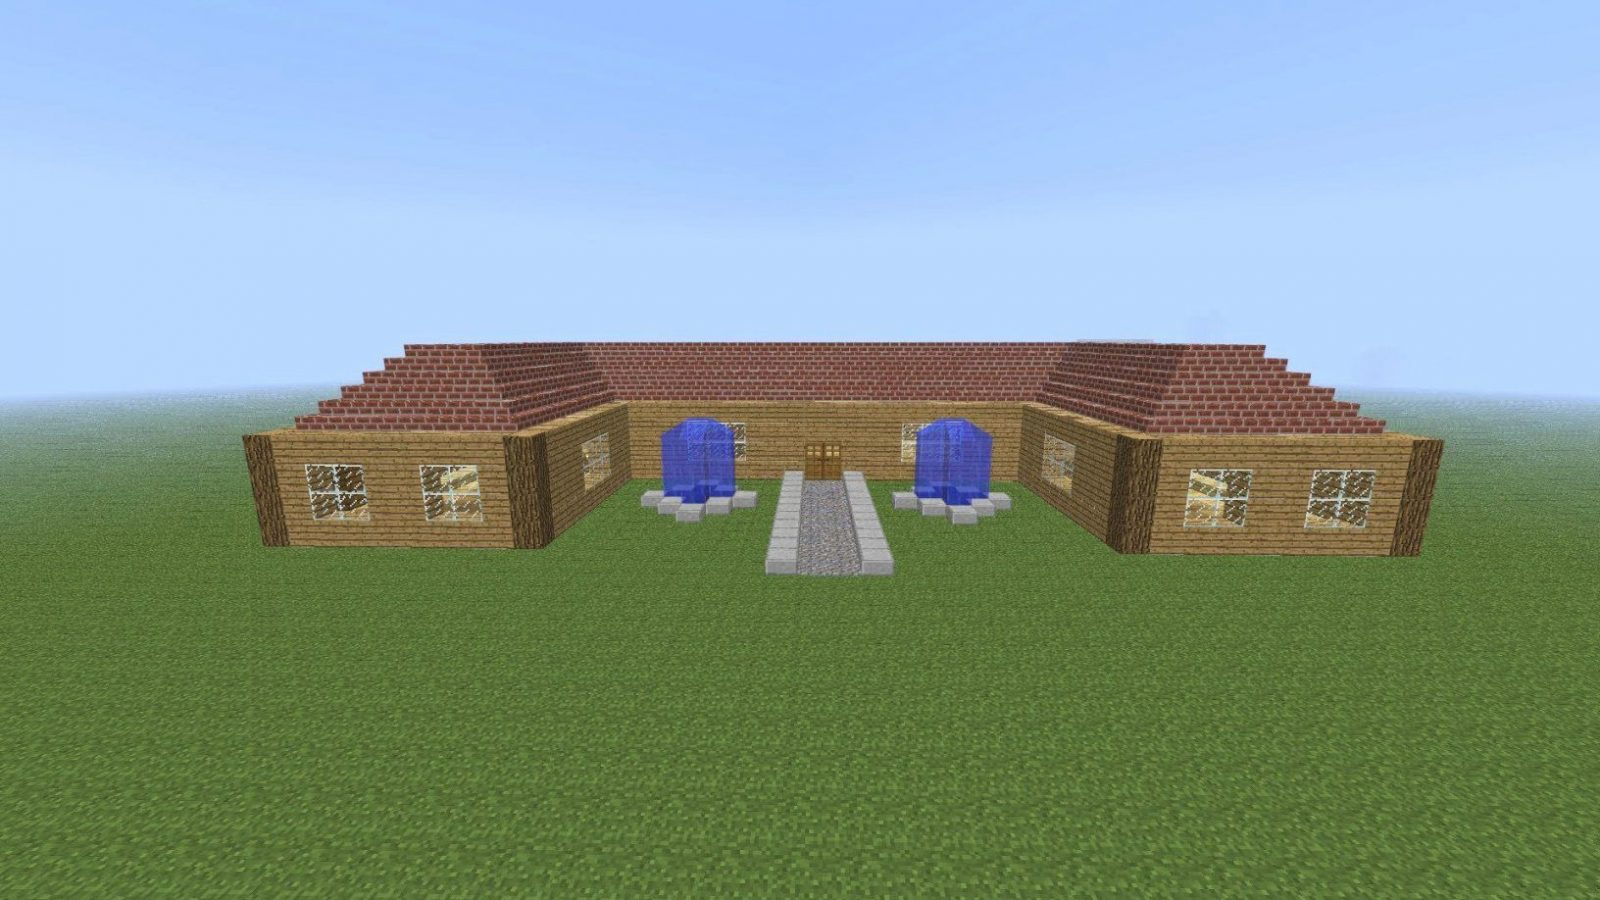 Minecraft Häuser Nachbauen Mit Minecraft Modernes Zwei Familien Avec von Coole Minecraft Häuser Zum Nachbauen Bild